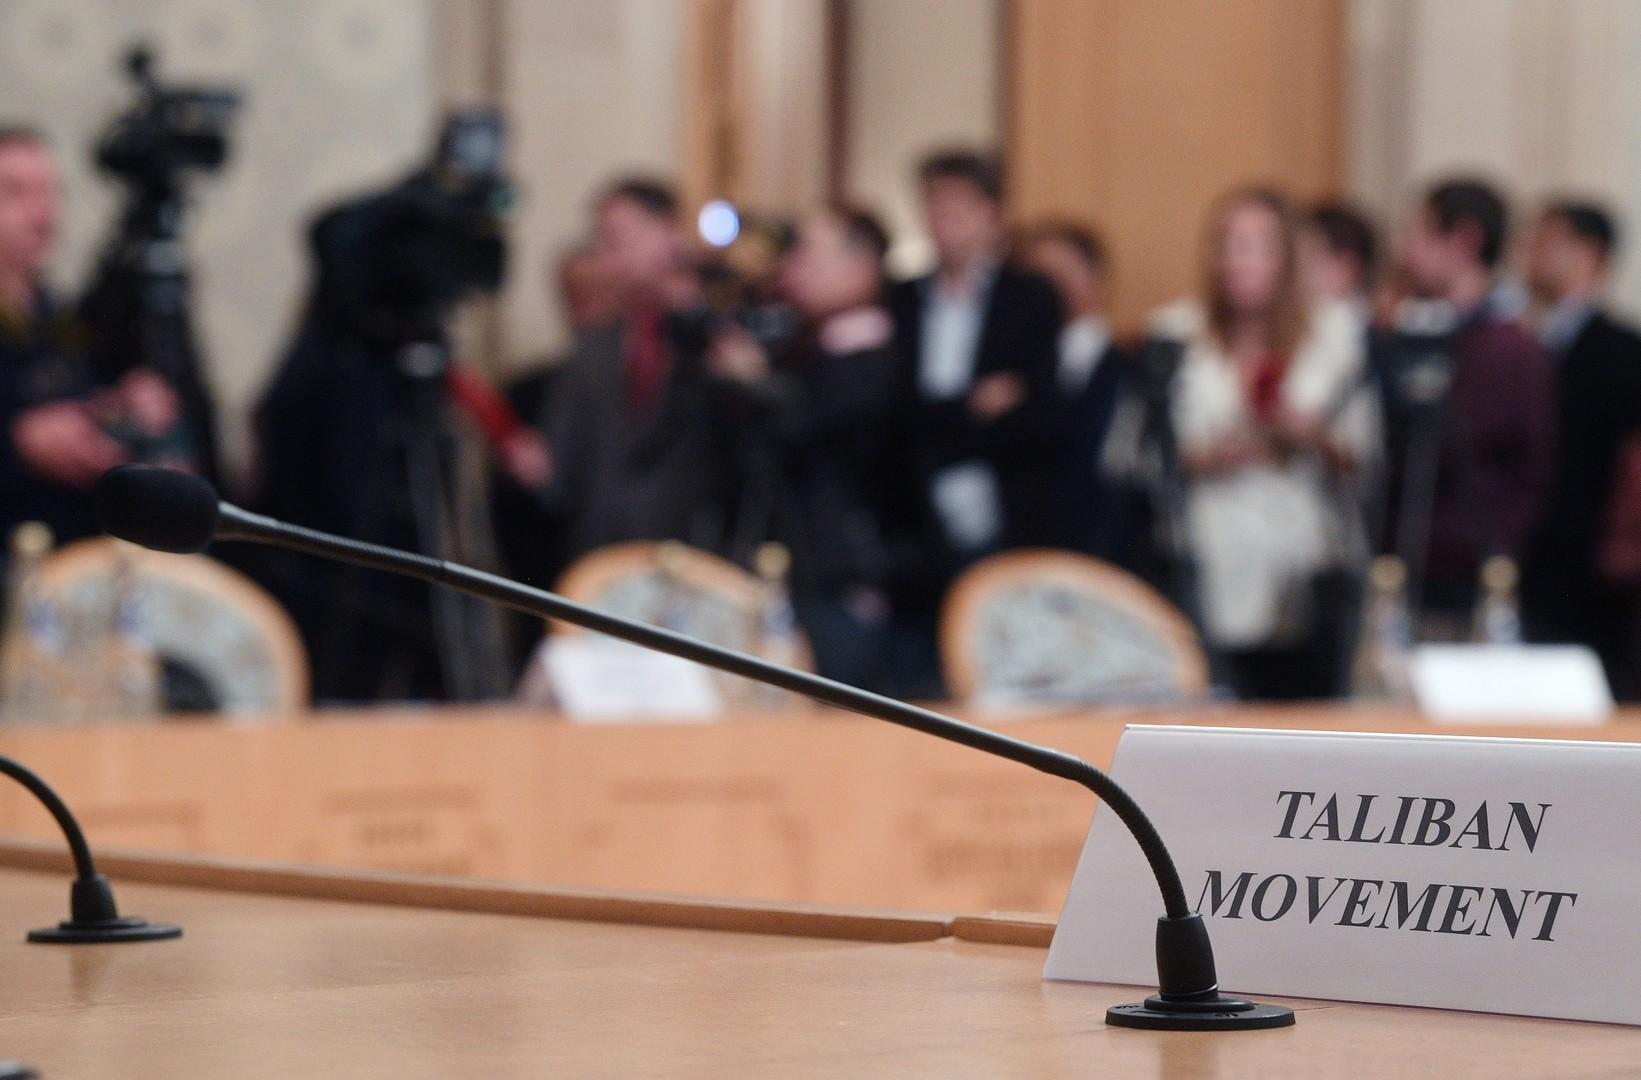 مؤتمر حول أفغانسان في موسكو (صورة أرشيفية)